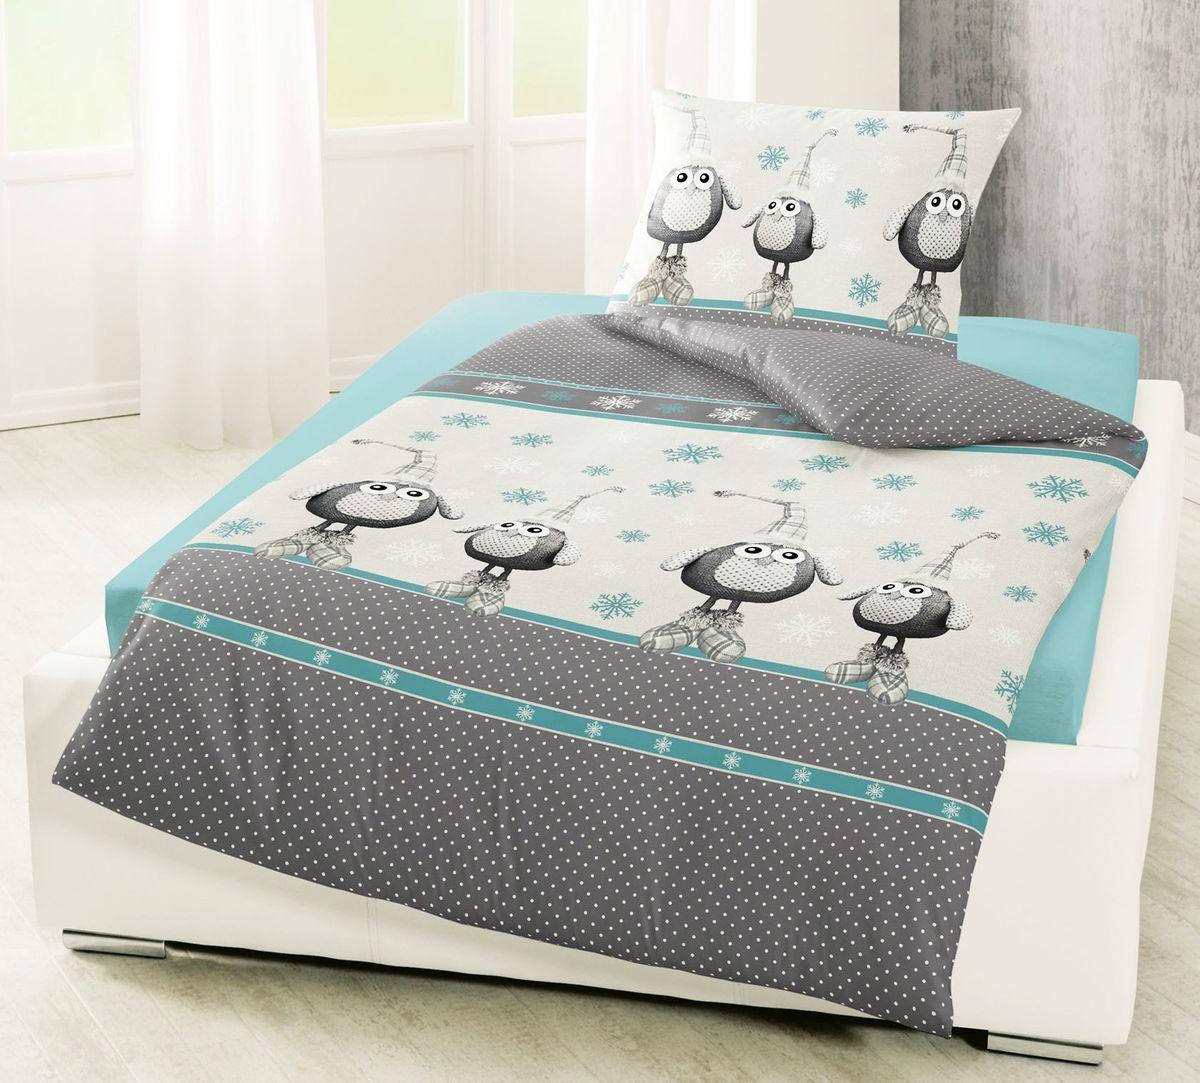 bierbaum biber bettw sche 135x200cm 2 tlg eule t rkis grau creme anthrazit bettw sche. Black Bedroom Furniture Sets. Home Design Ideas